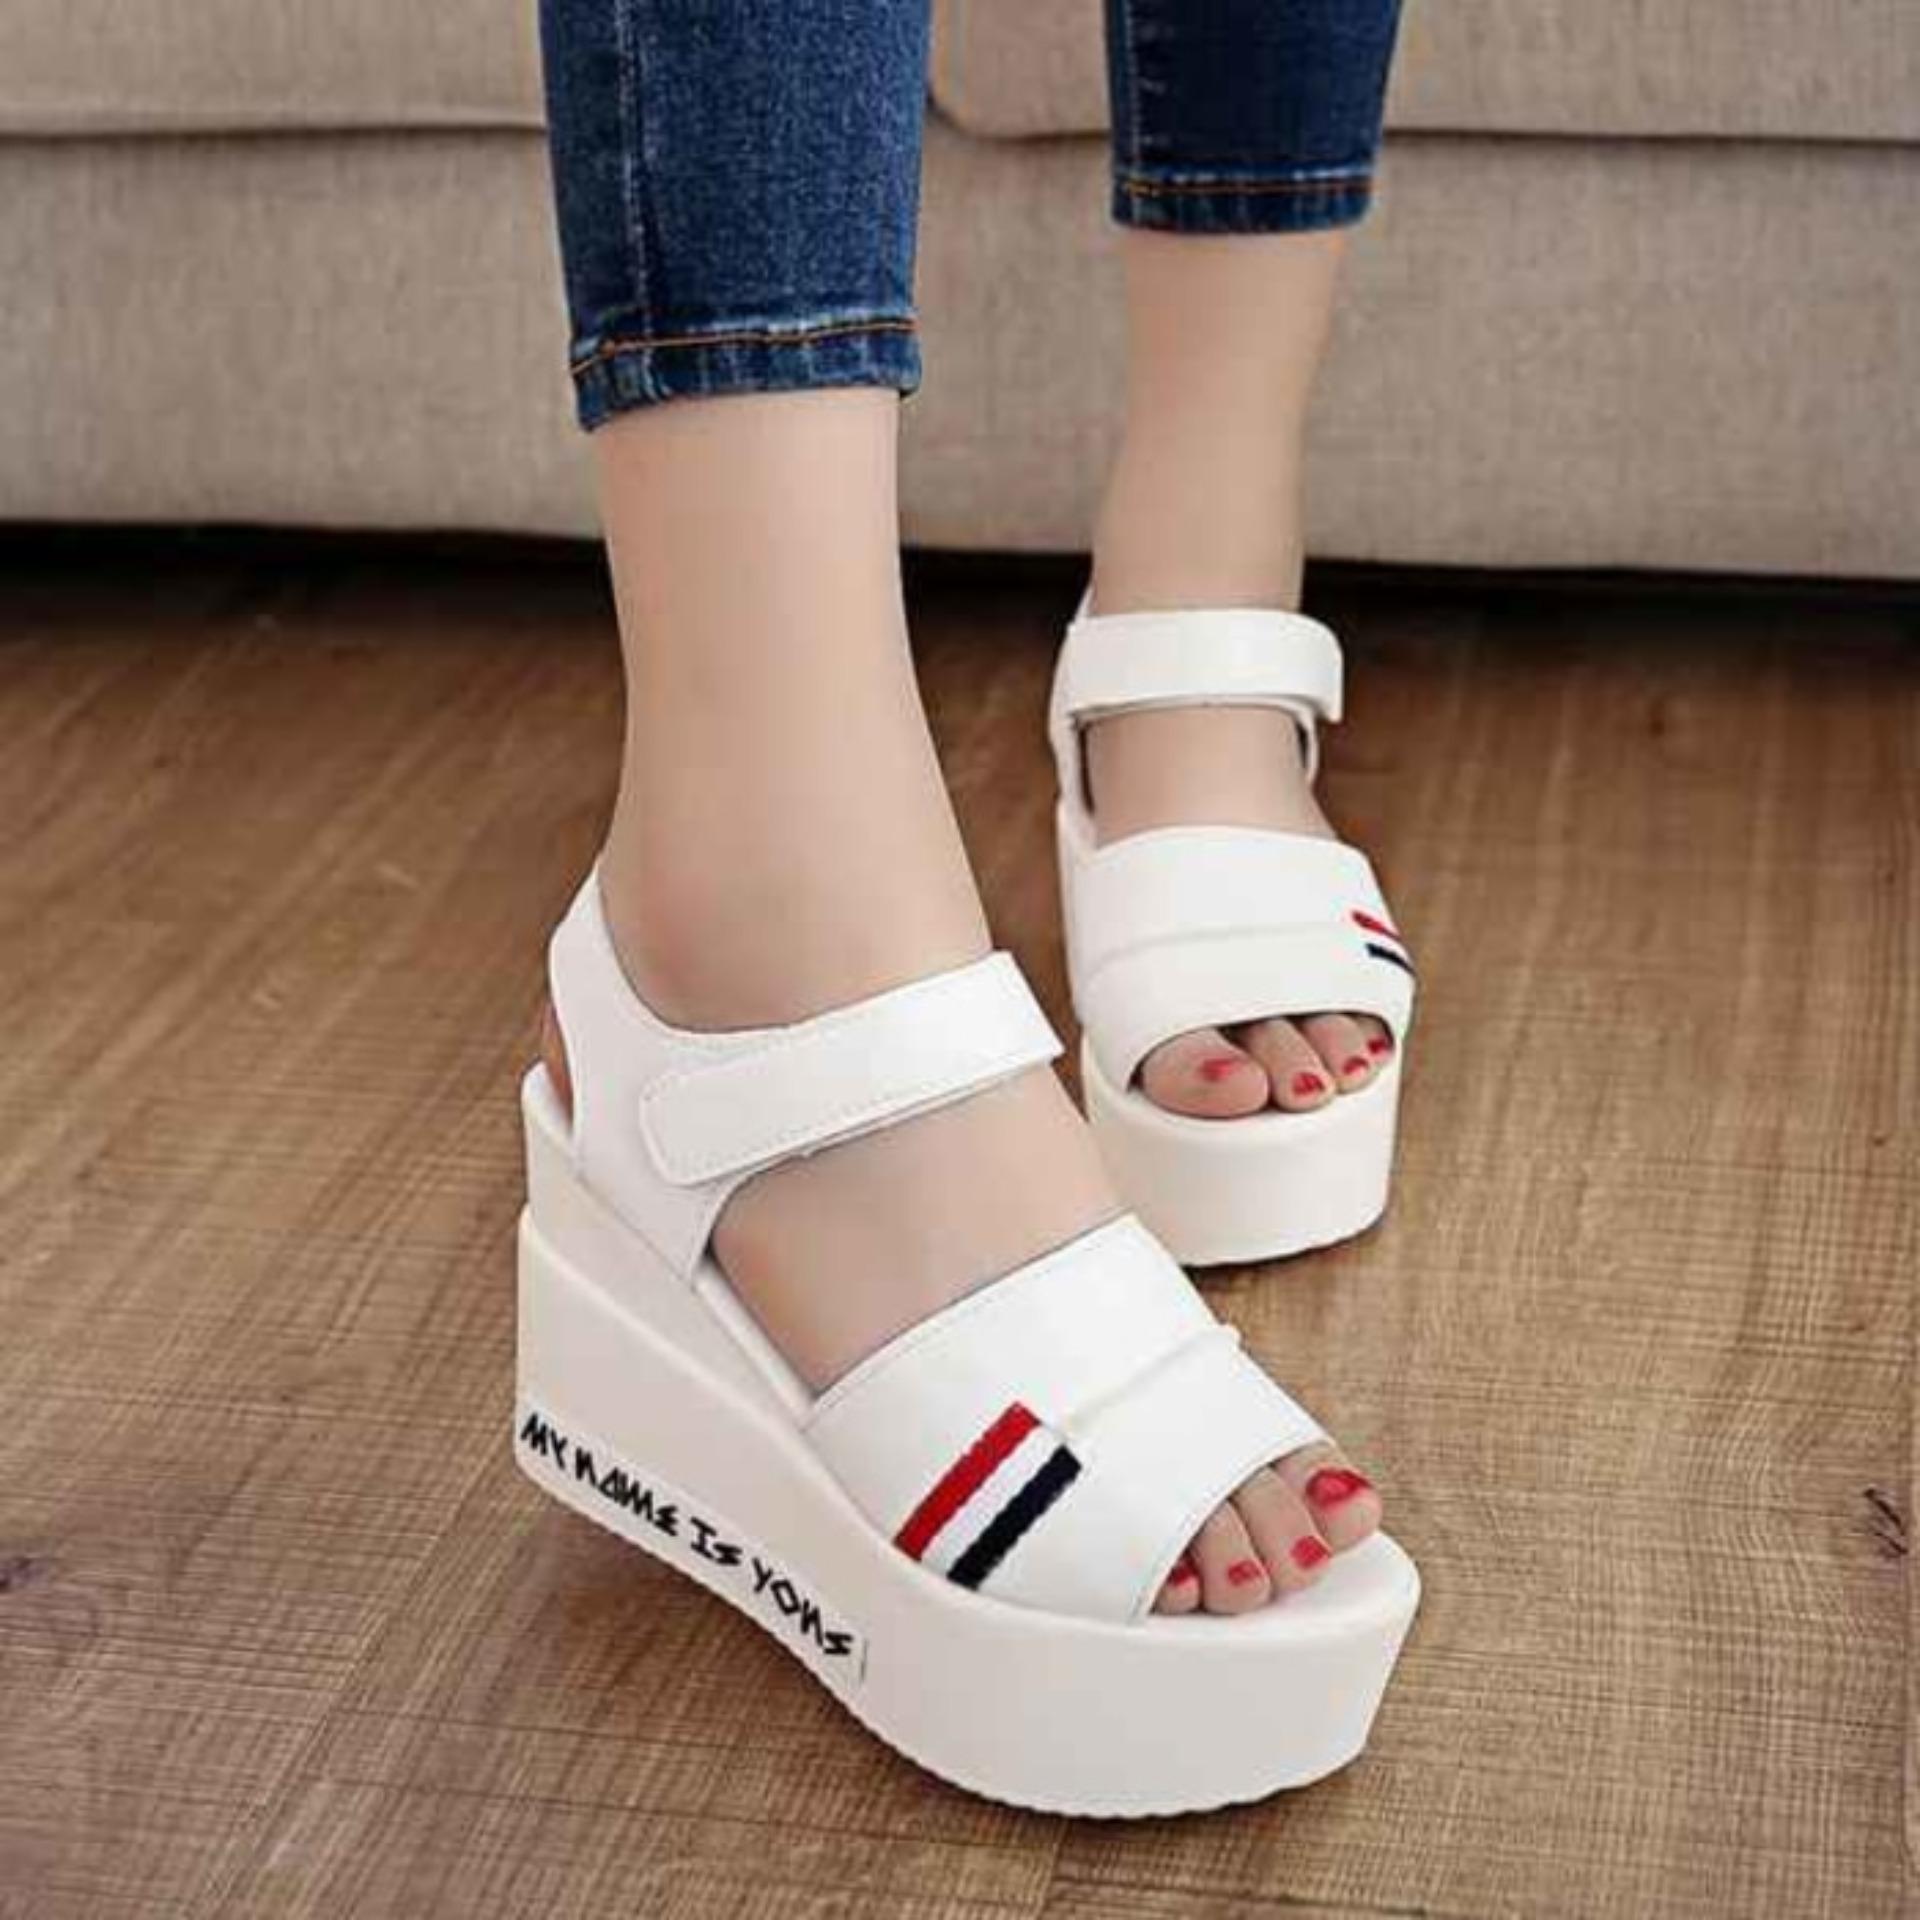 Sandal Sepatu Wedges Wanita Murah Mr81 Cream Daftar Harga Terbaik Zr01 Tan Model Terbaru Bunga Af13 Source Cewek